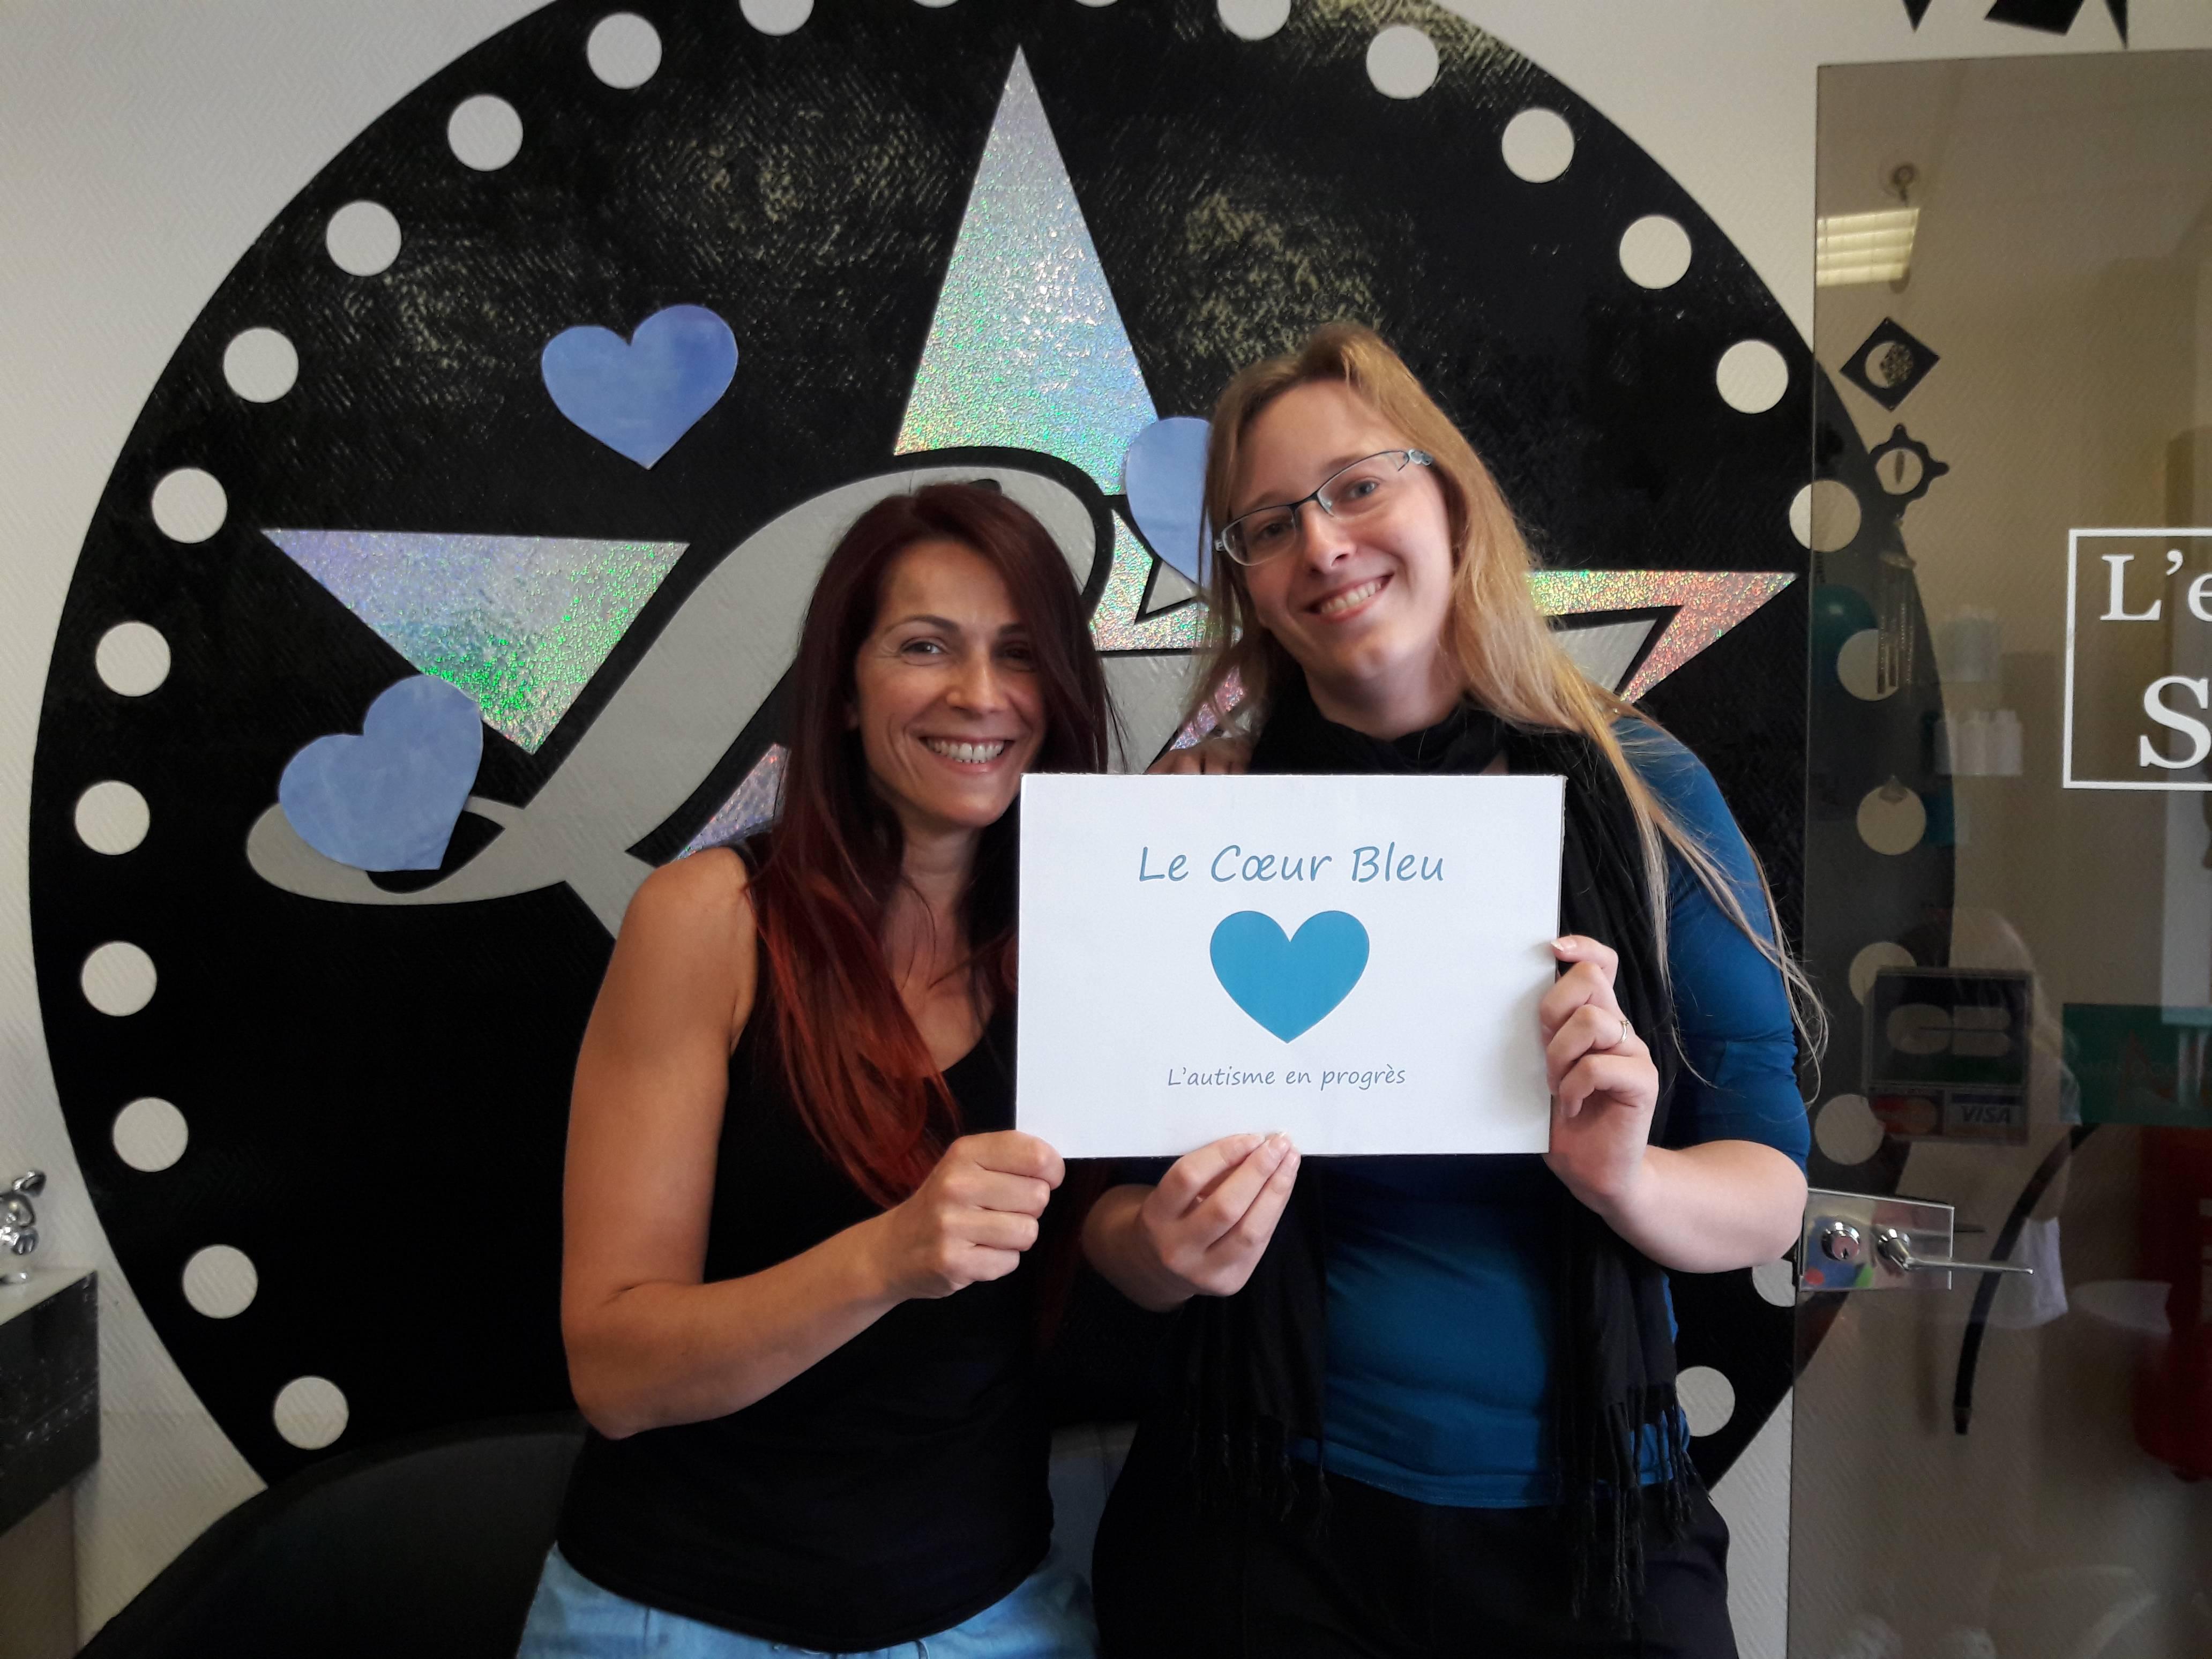 Soutenez l'association Le Coeur Bleu à Roubaix pour aider les enfants autistes